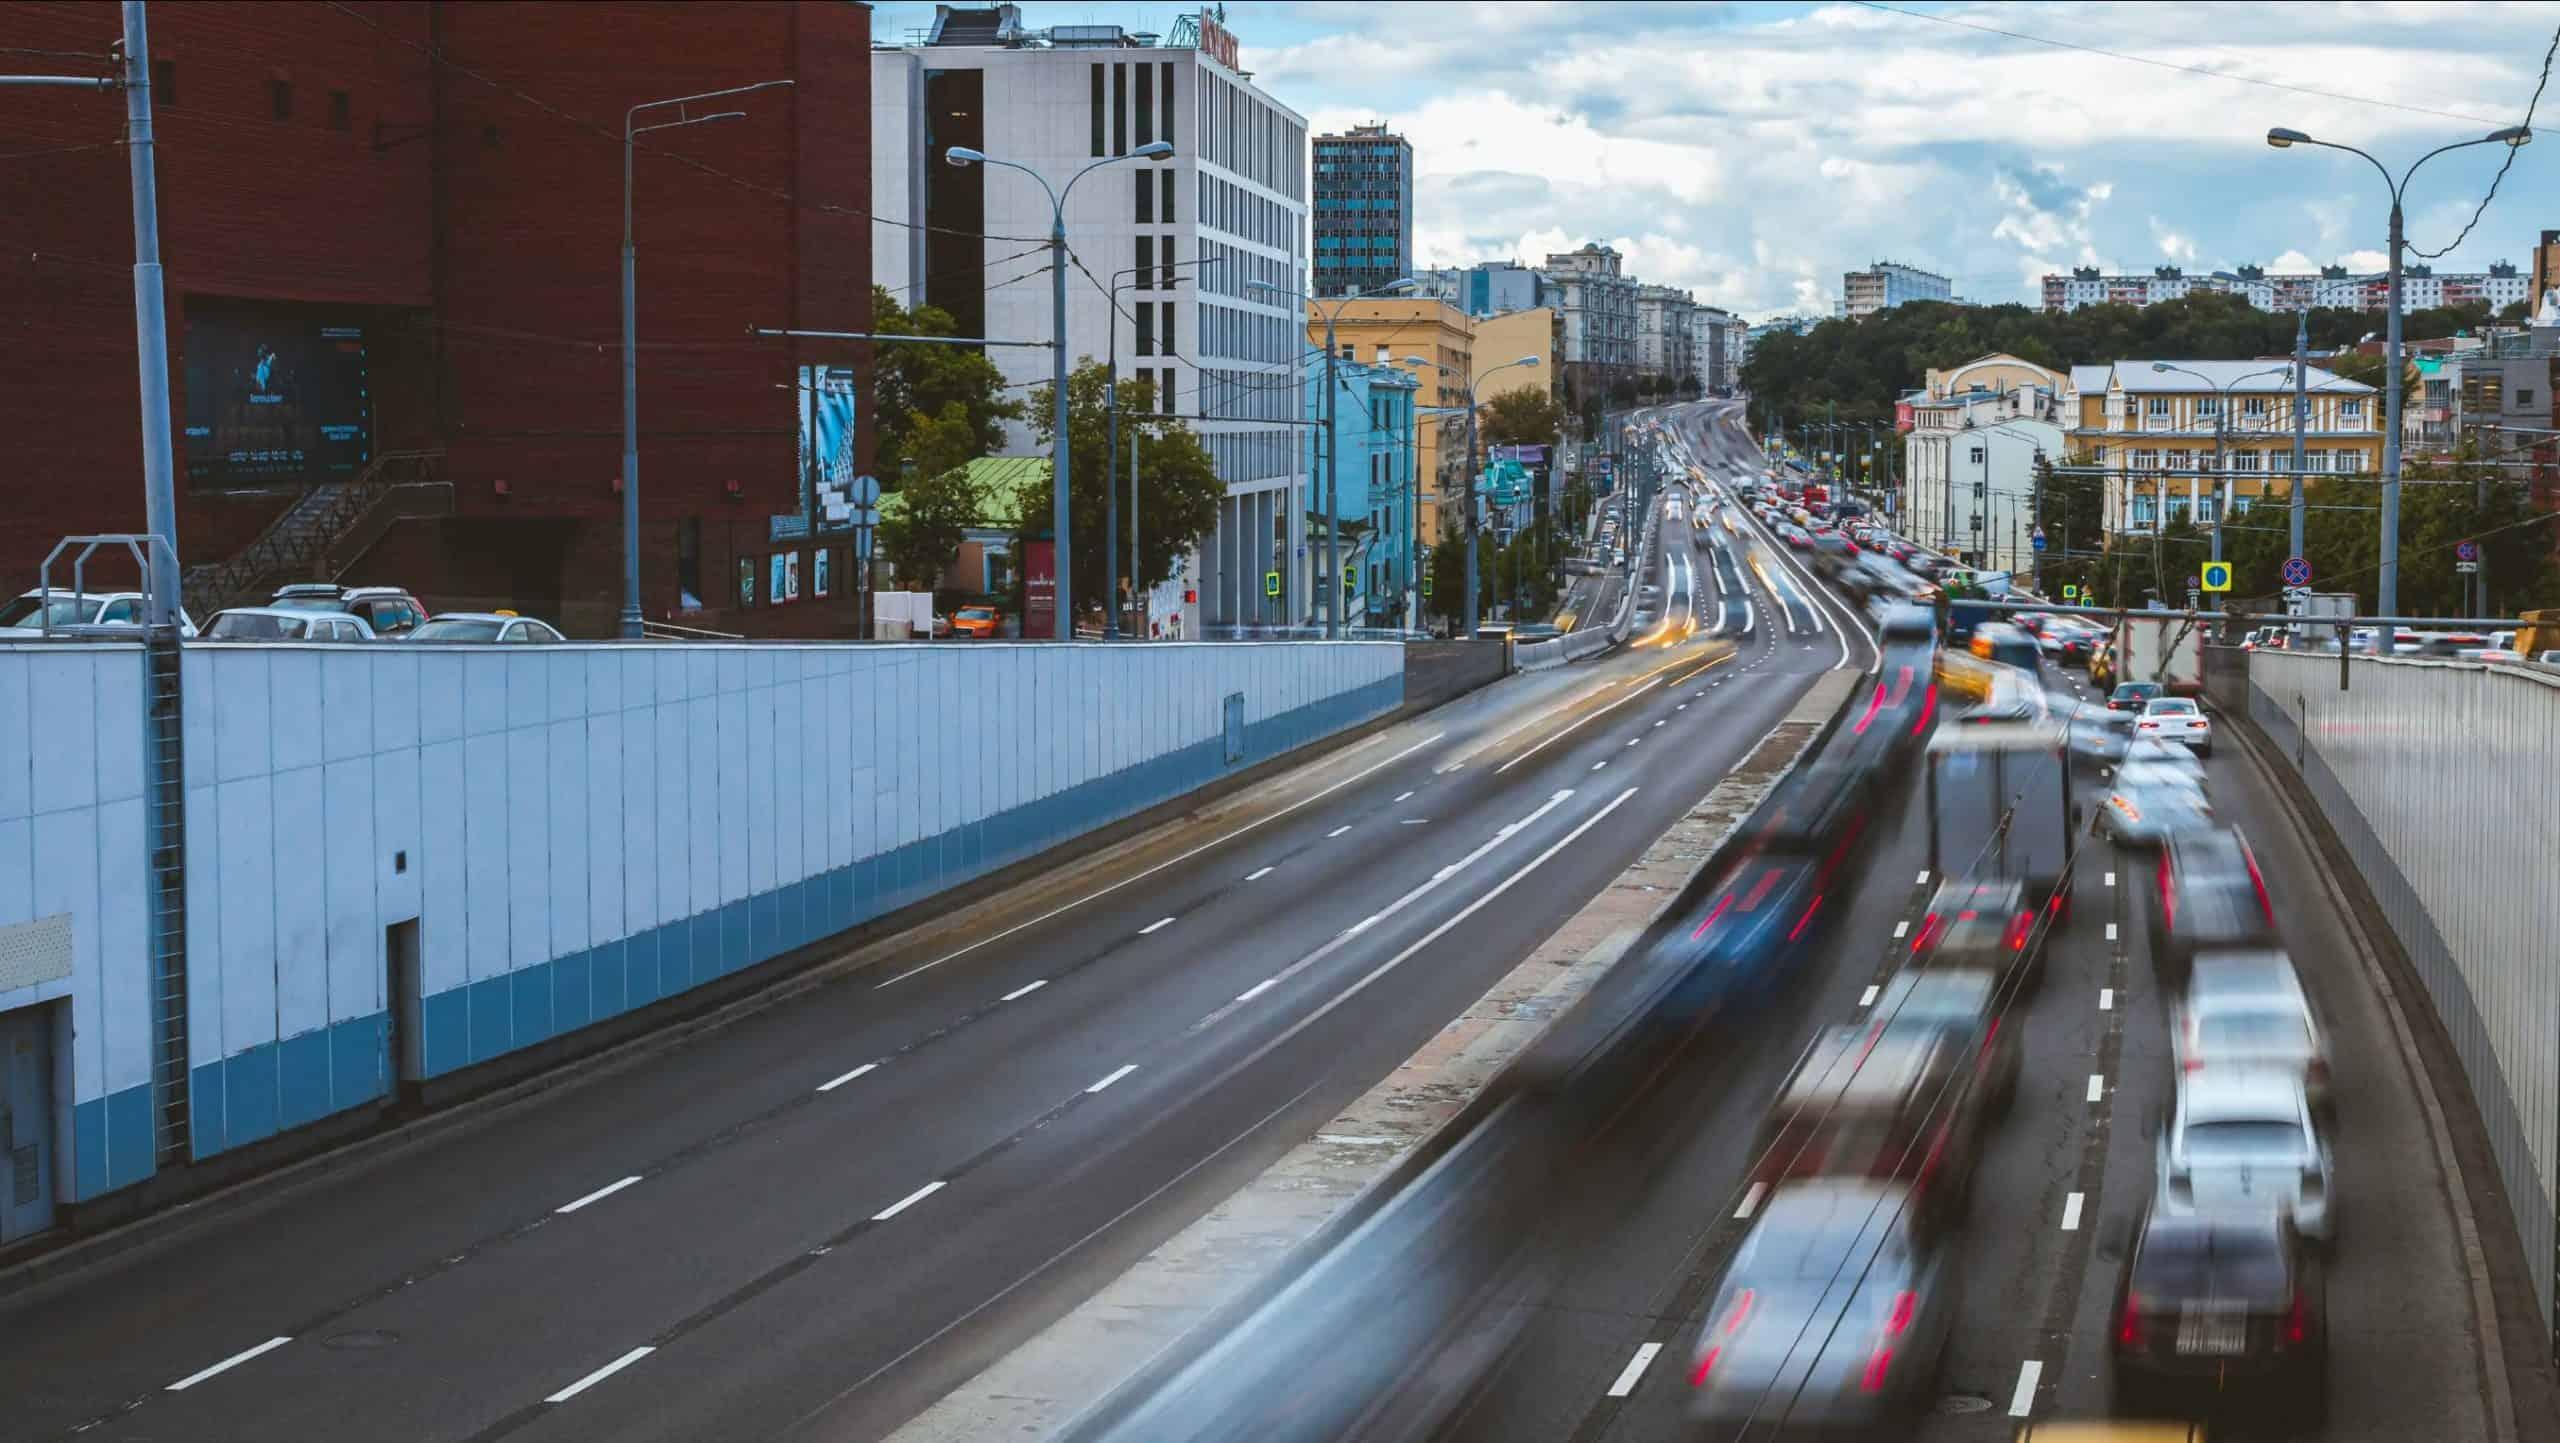 zdjecie w ruchu samochody w miescie pexels scaled - Jak zrobić ruchome zdjęcie - kinografika na 3 sposoby